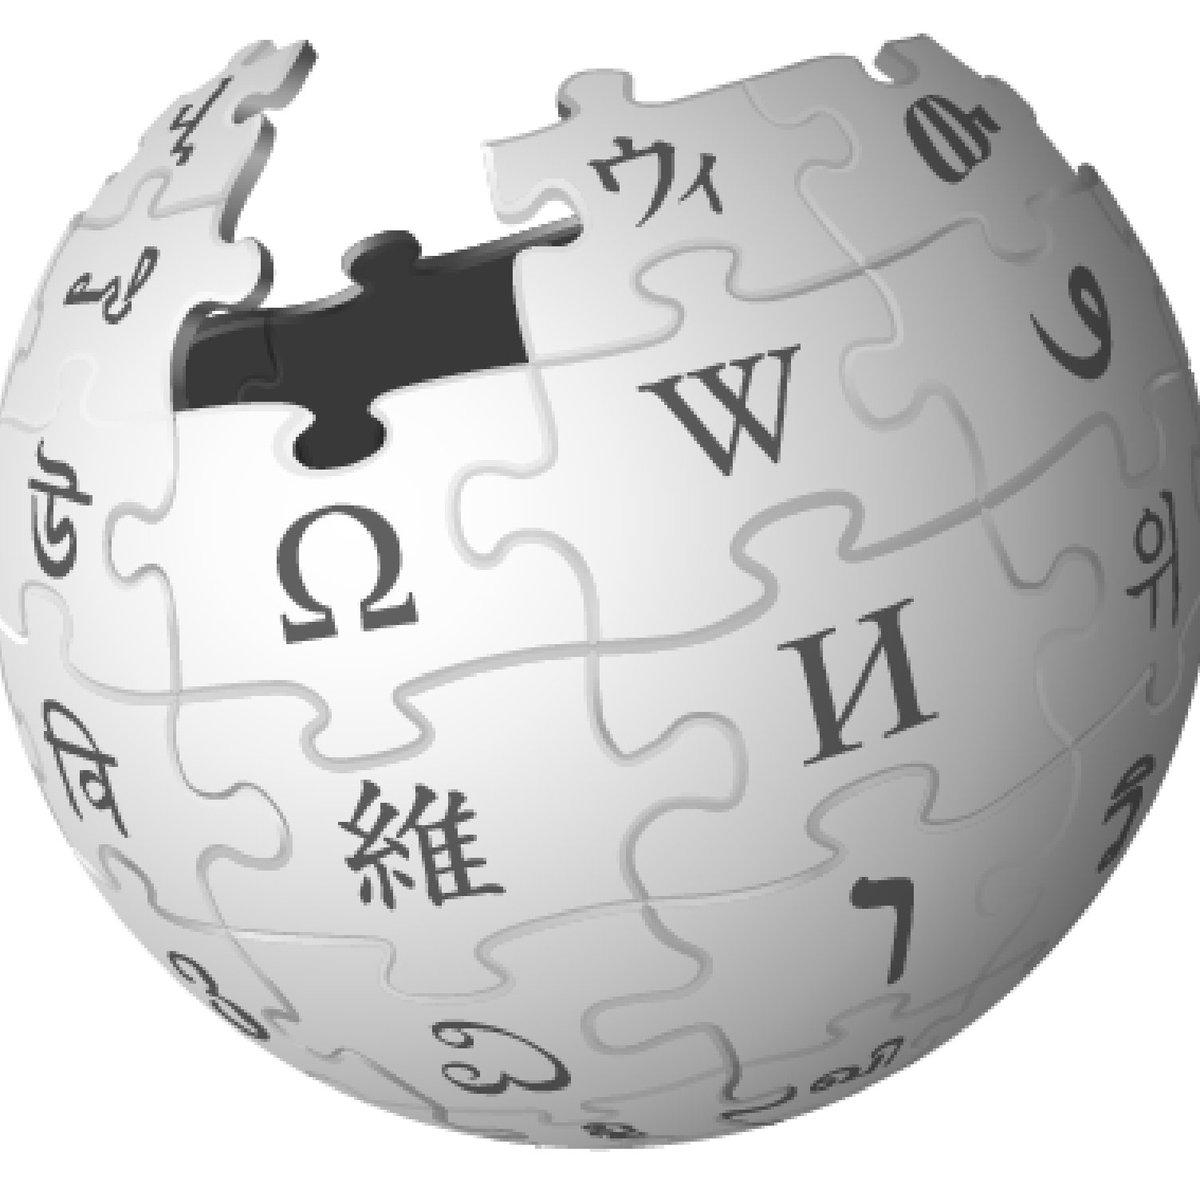 Попасть в Википедию: как это сделать и что это даст для бизнеса?